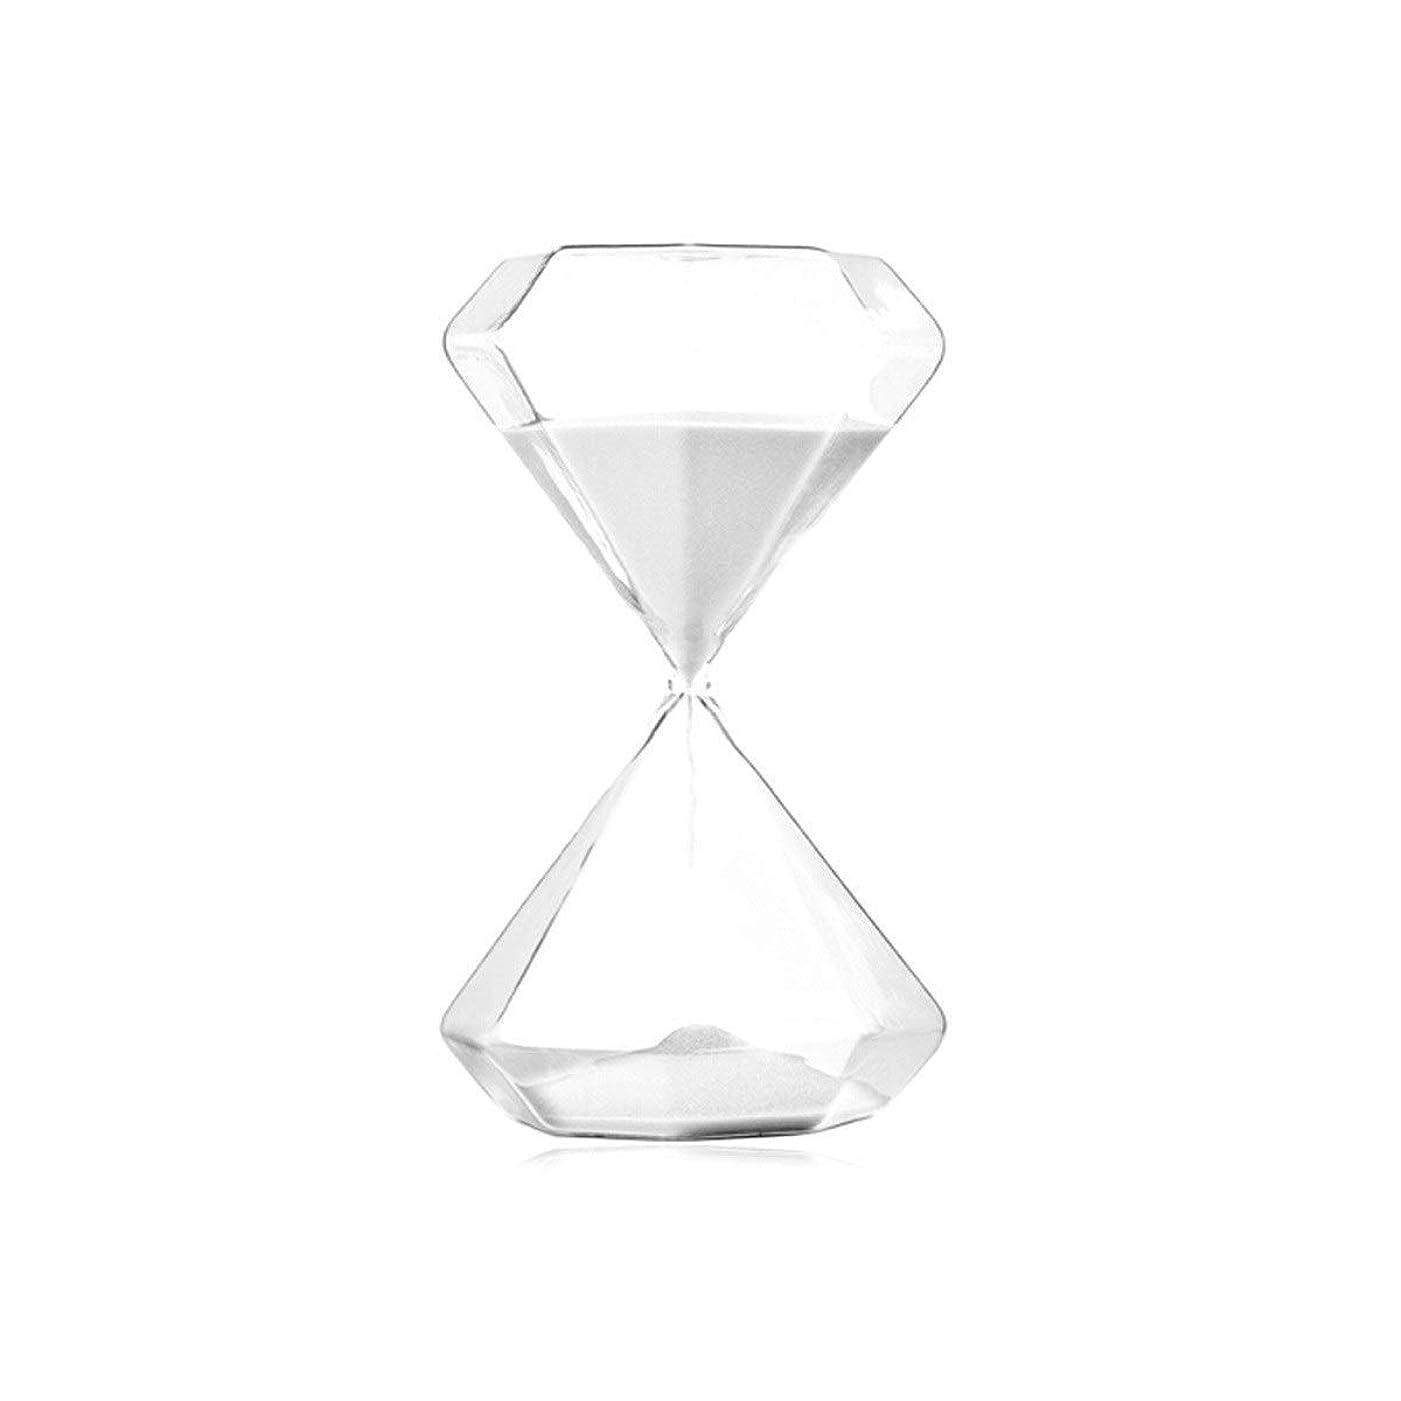 クリアマイクマイルストーンKPSRB 砂時計は、クリエイティブギフト/ホームデコレーション/休日誕生日ギフト//ガラスタイマー(5/15/30分を時間指定が可能)を使用することができます 砂時計 (Color : White, Size : S-5min)